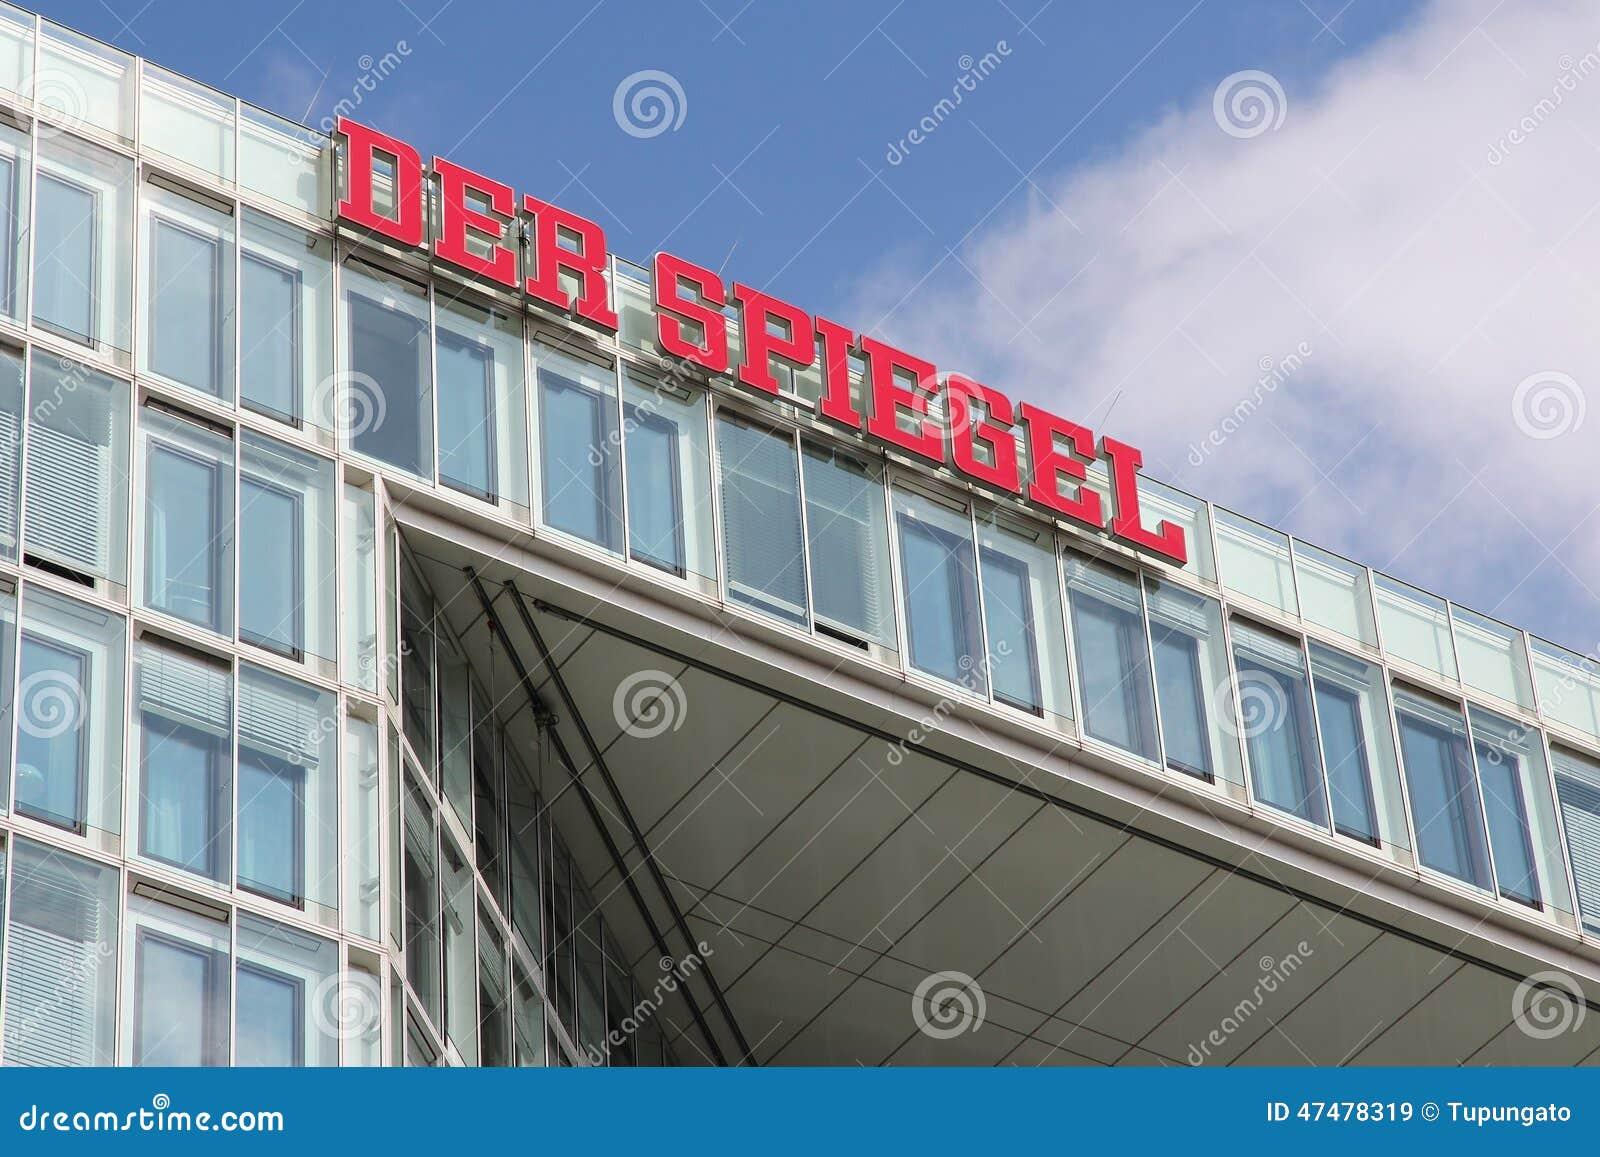 Der spiegel editorial stock image image 47478319 for Der spiegel hamburg